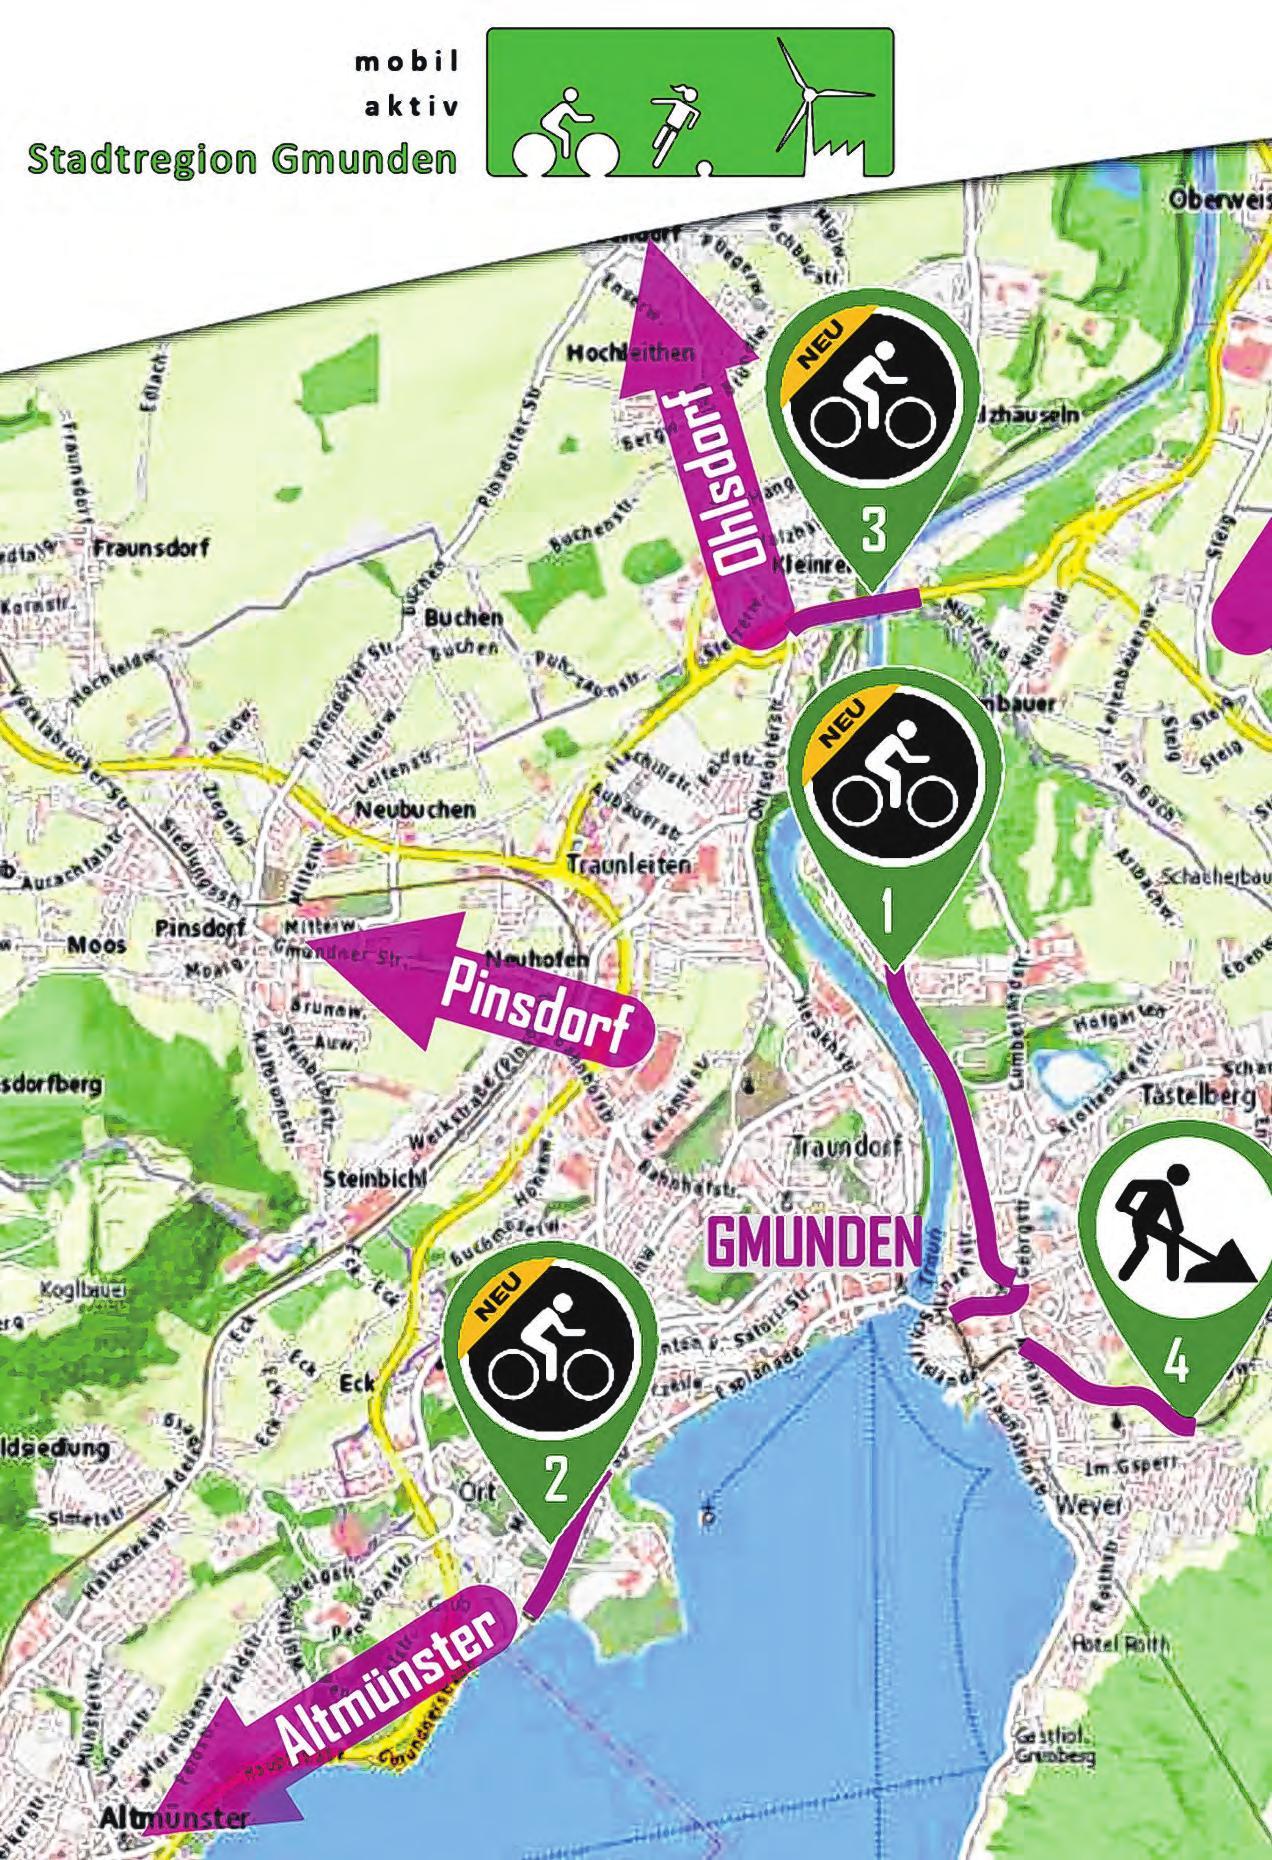 """Von der Stadt Gmunden aus in alle Richtungen verläuft das """"Radstern-Netz"""". Foto: Stadtamt Gmunden"""